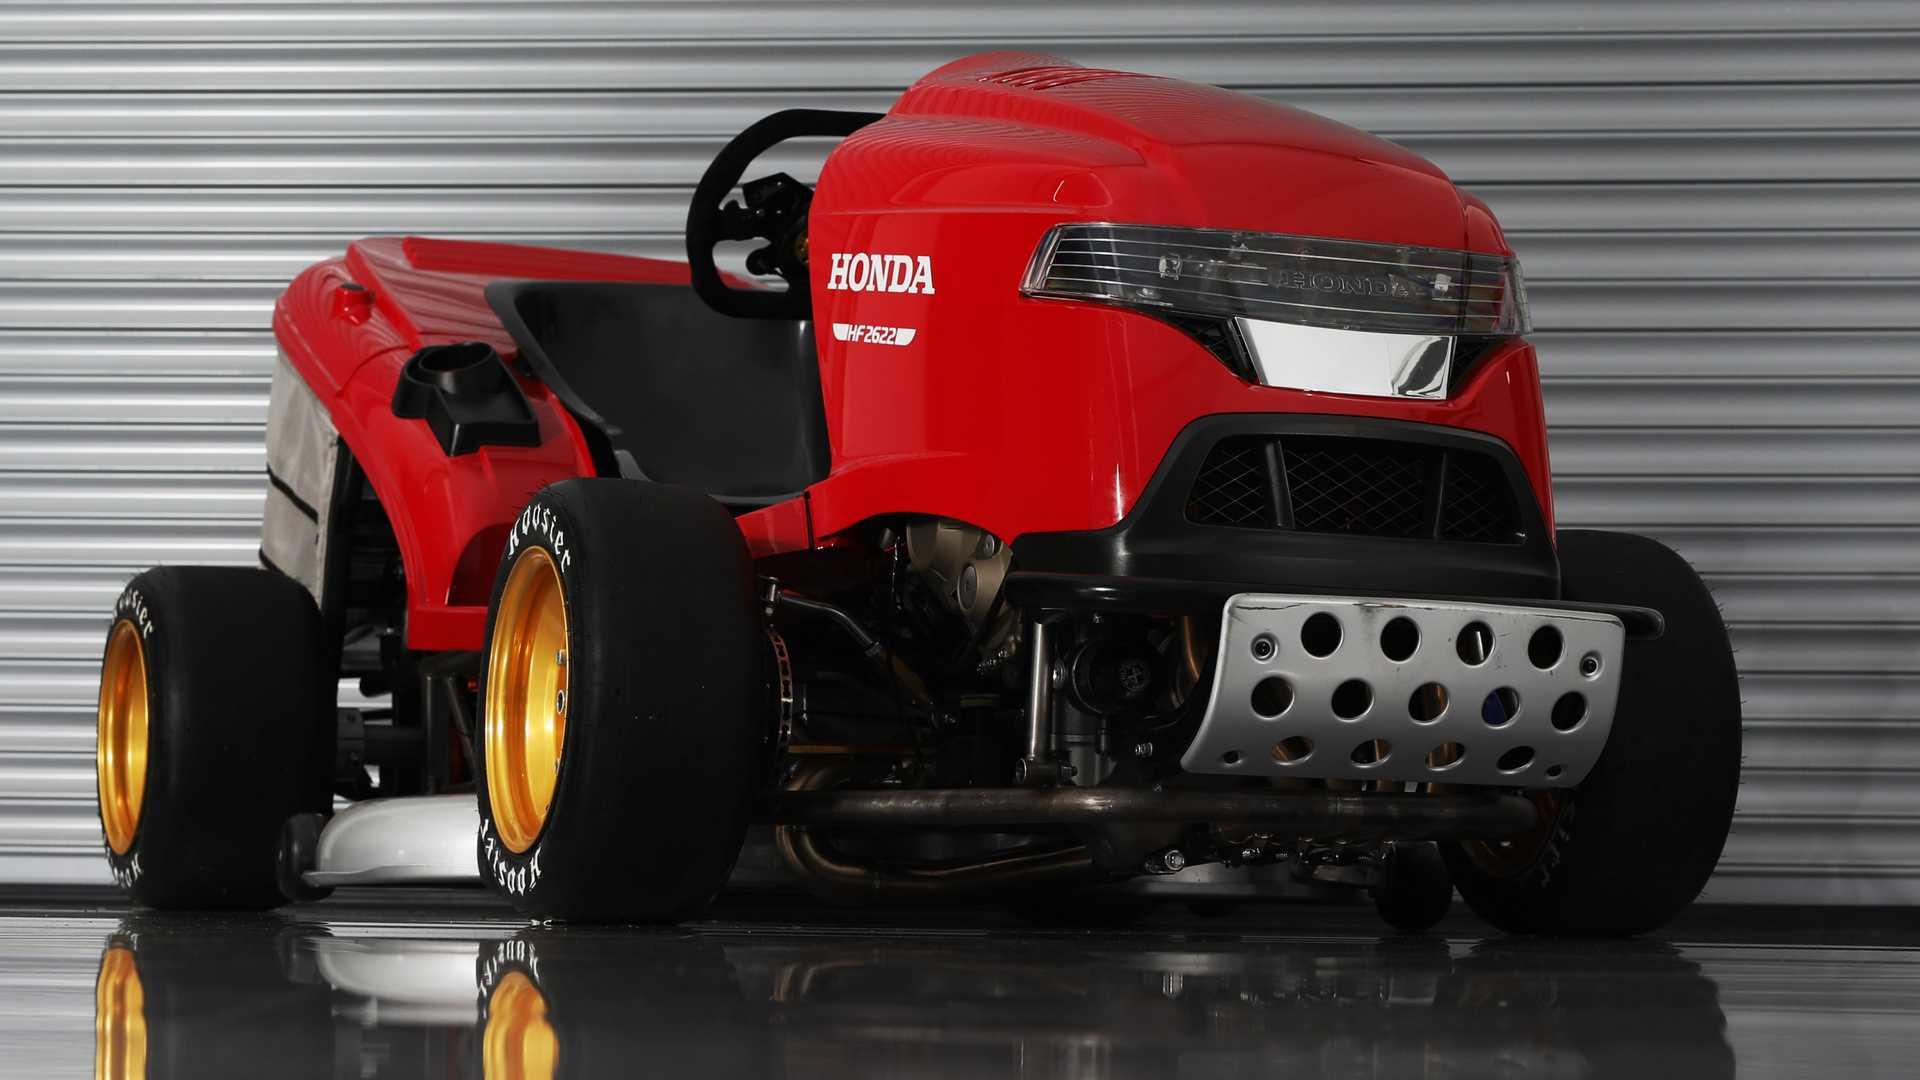 honda-lawn-mower-4